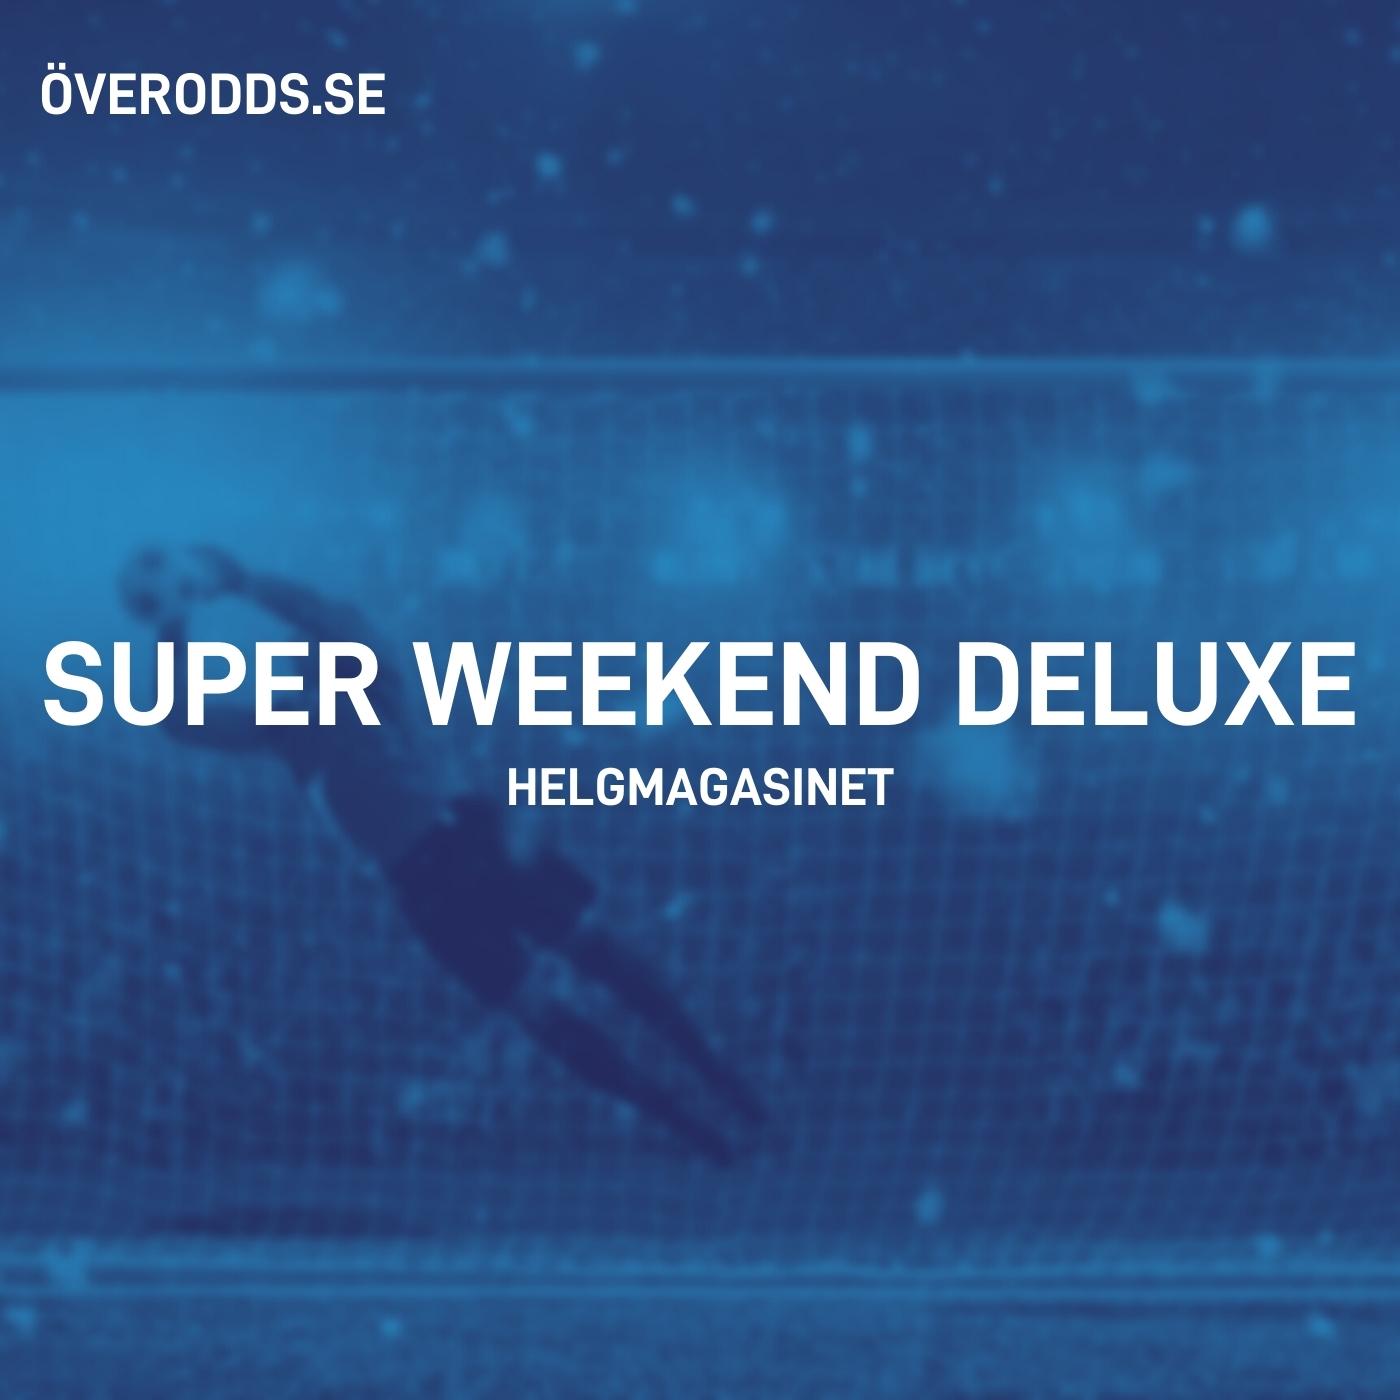 82. Helgmagasinet - Super weekend deluxe